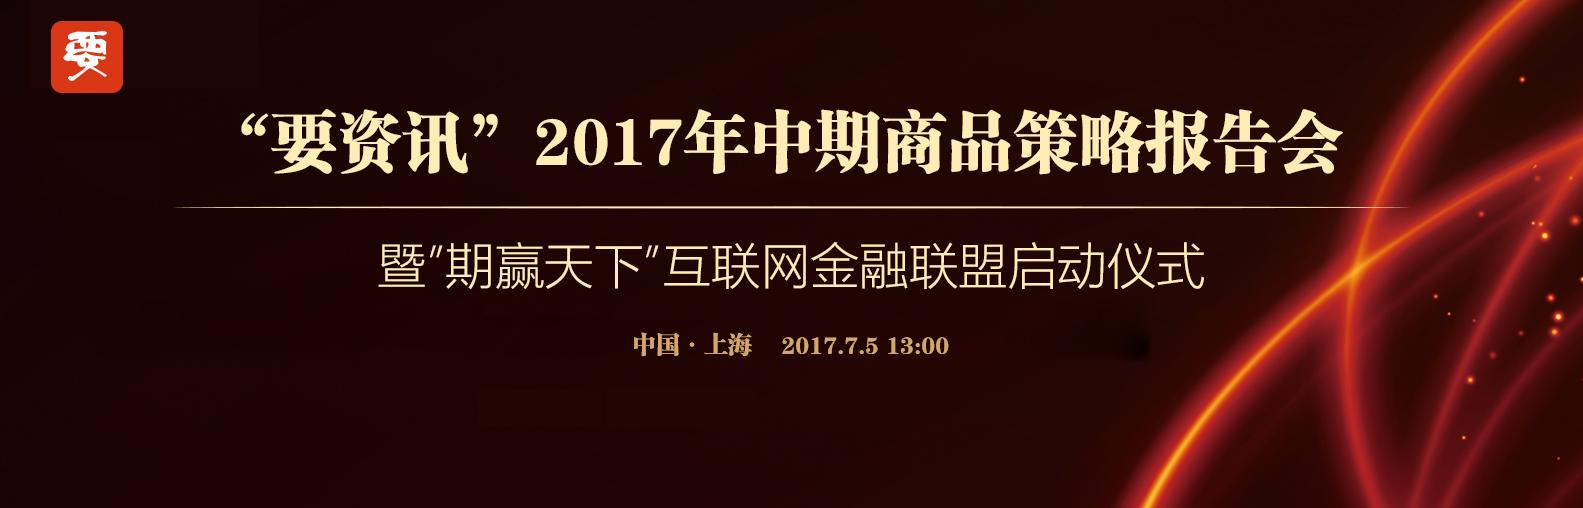 """""""要资讯""""2017年中期商品策略报告会"""